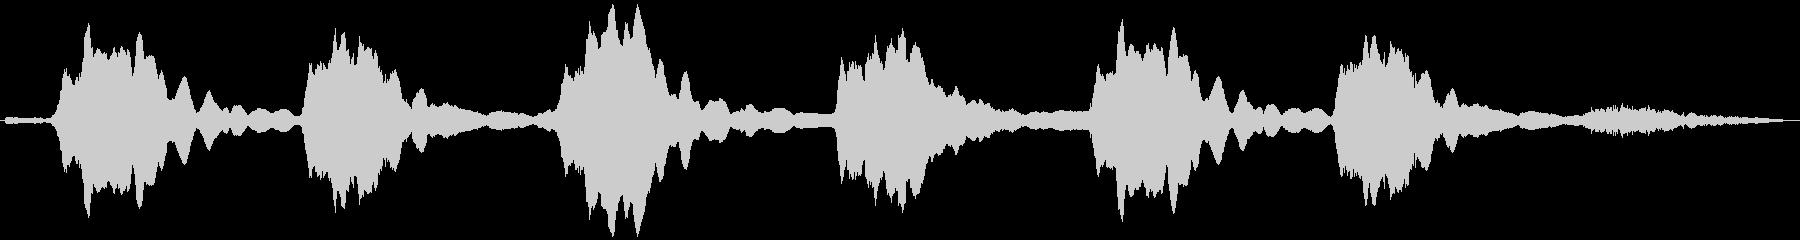 PADS クジラの歌04の未再生の波形